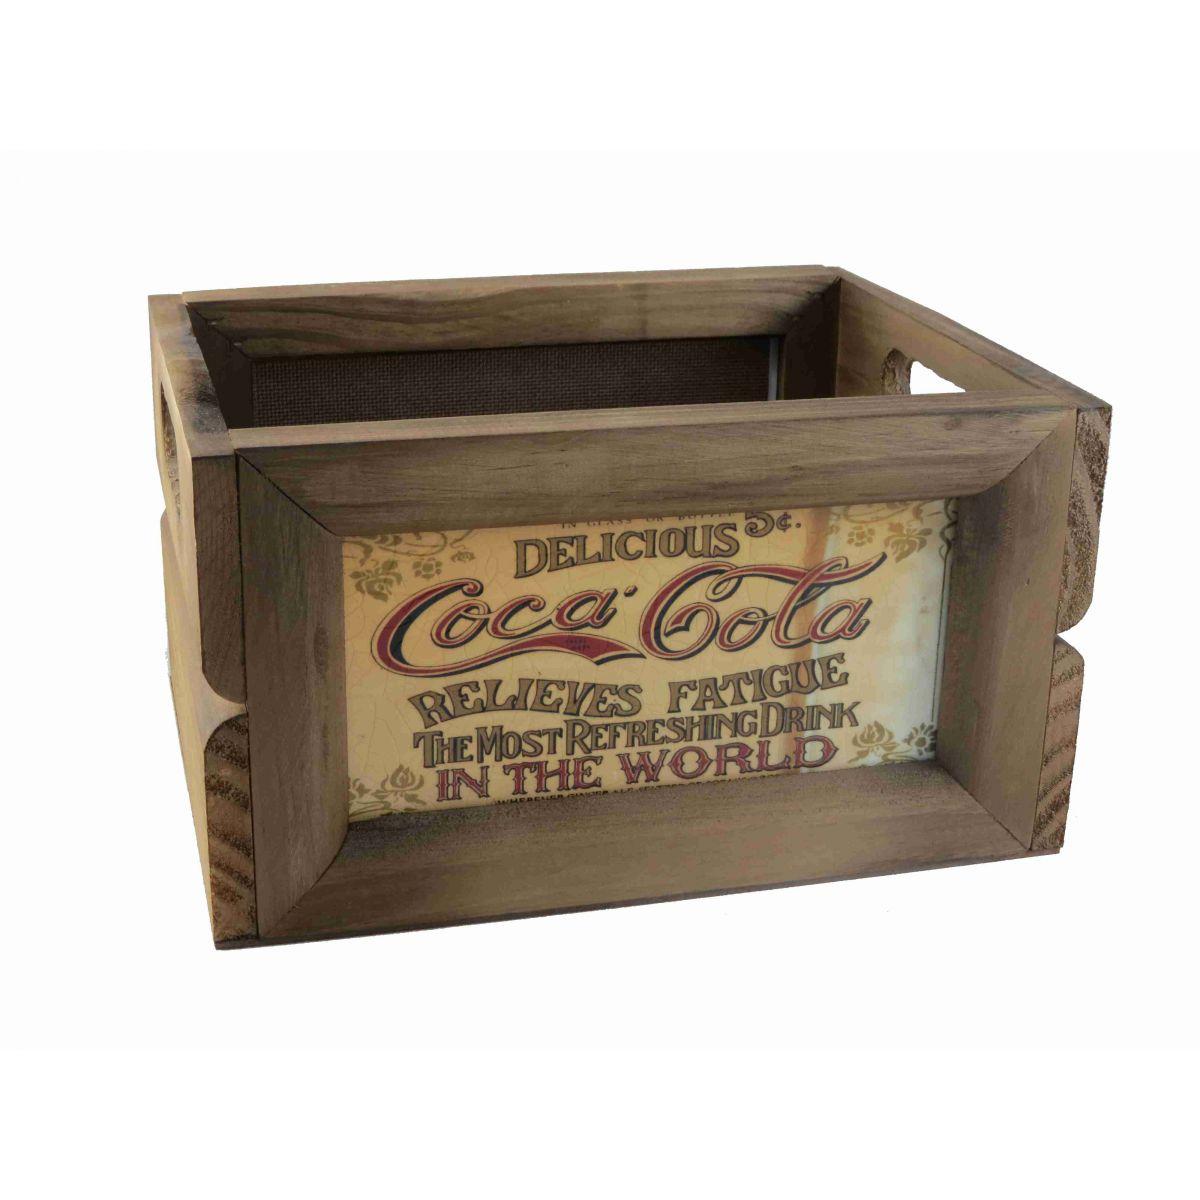 Mini Engradado Decorativo Madeira Delicious Coca Cola Vintage Concept